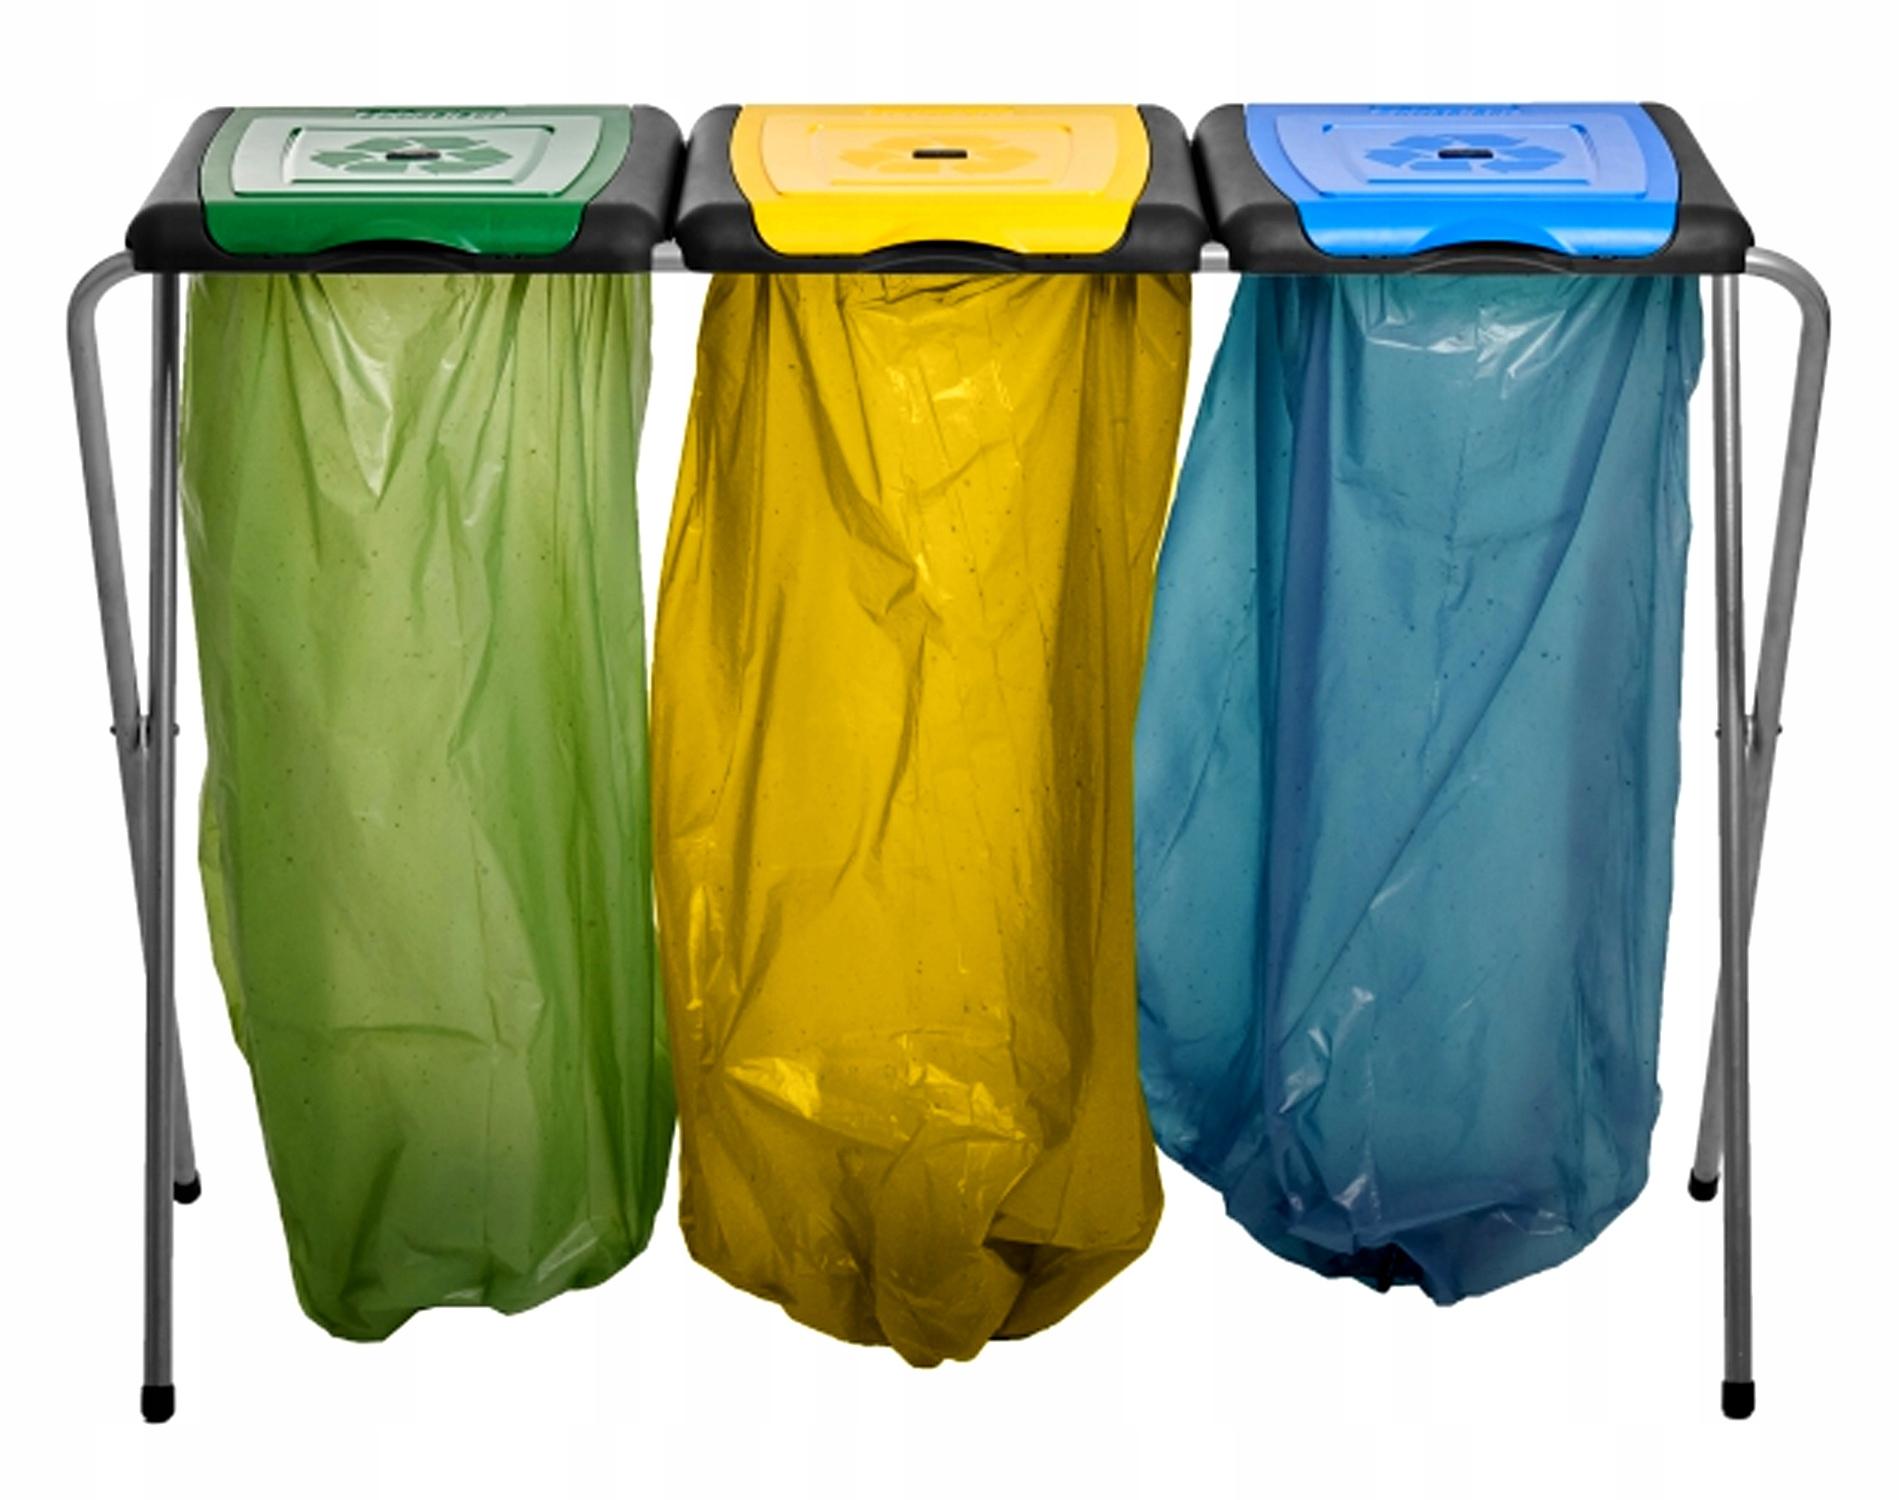 Stojak na Worki KOSZ do Segregacji Śmieci Odpadów